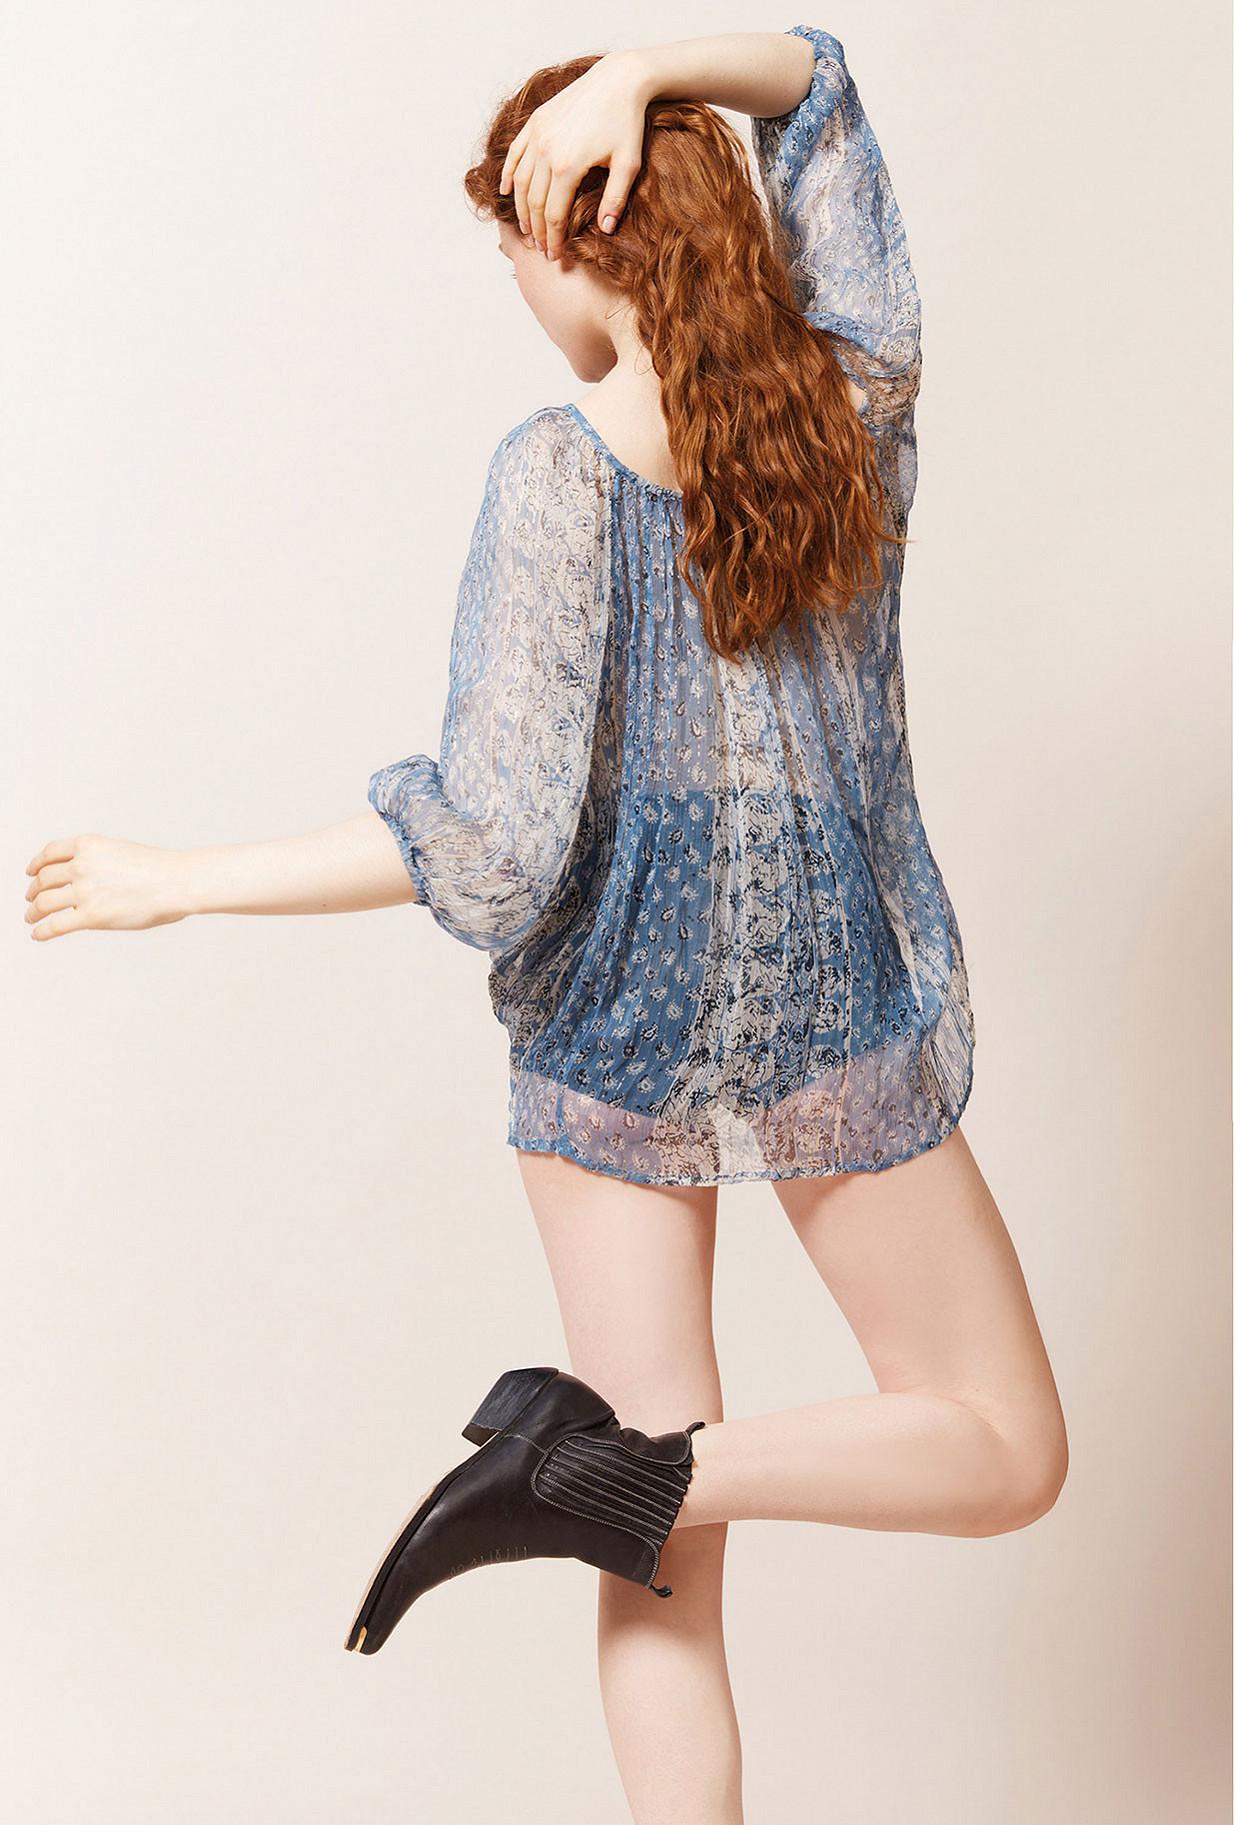 Paris clothes store Top  Bonnie french designer fashion Paris